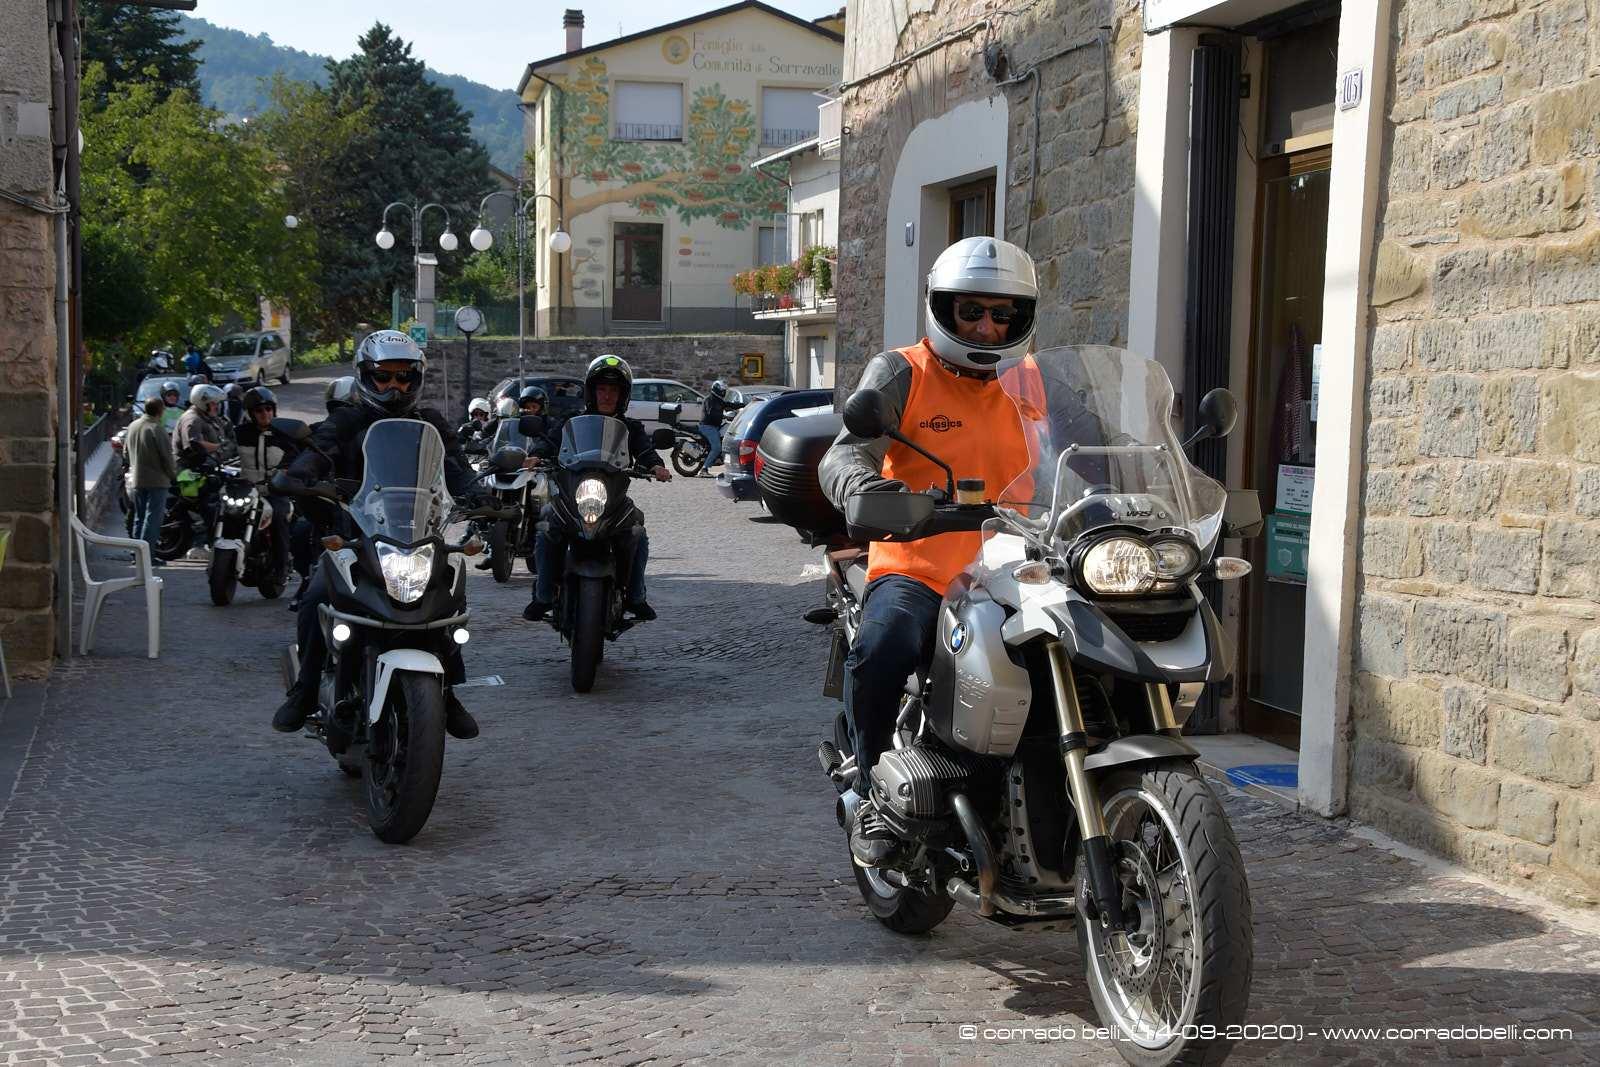 0209_-Benelli-Week-14-09-20